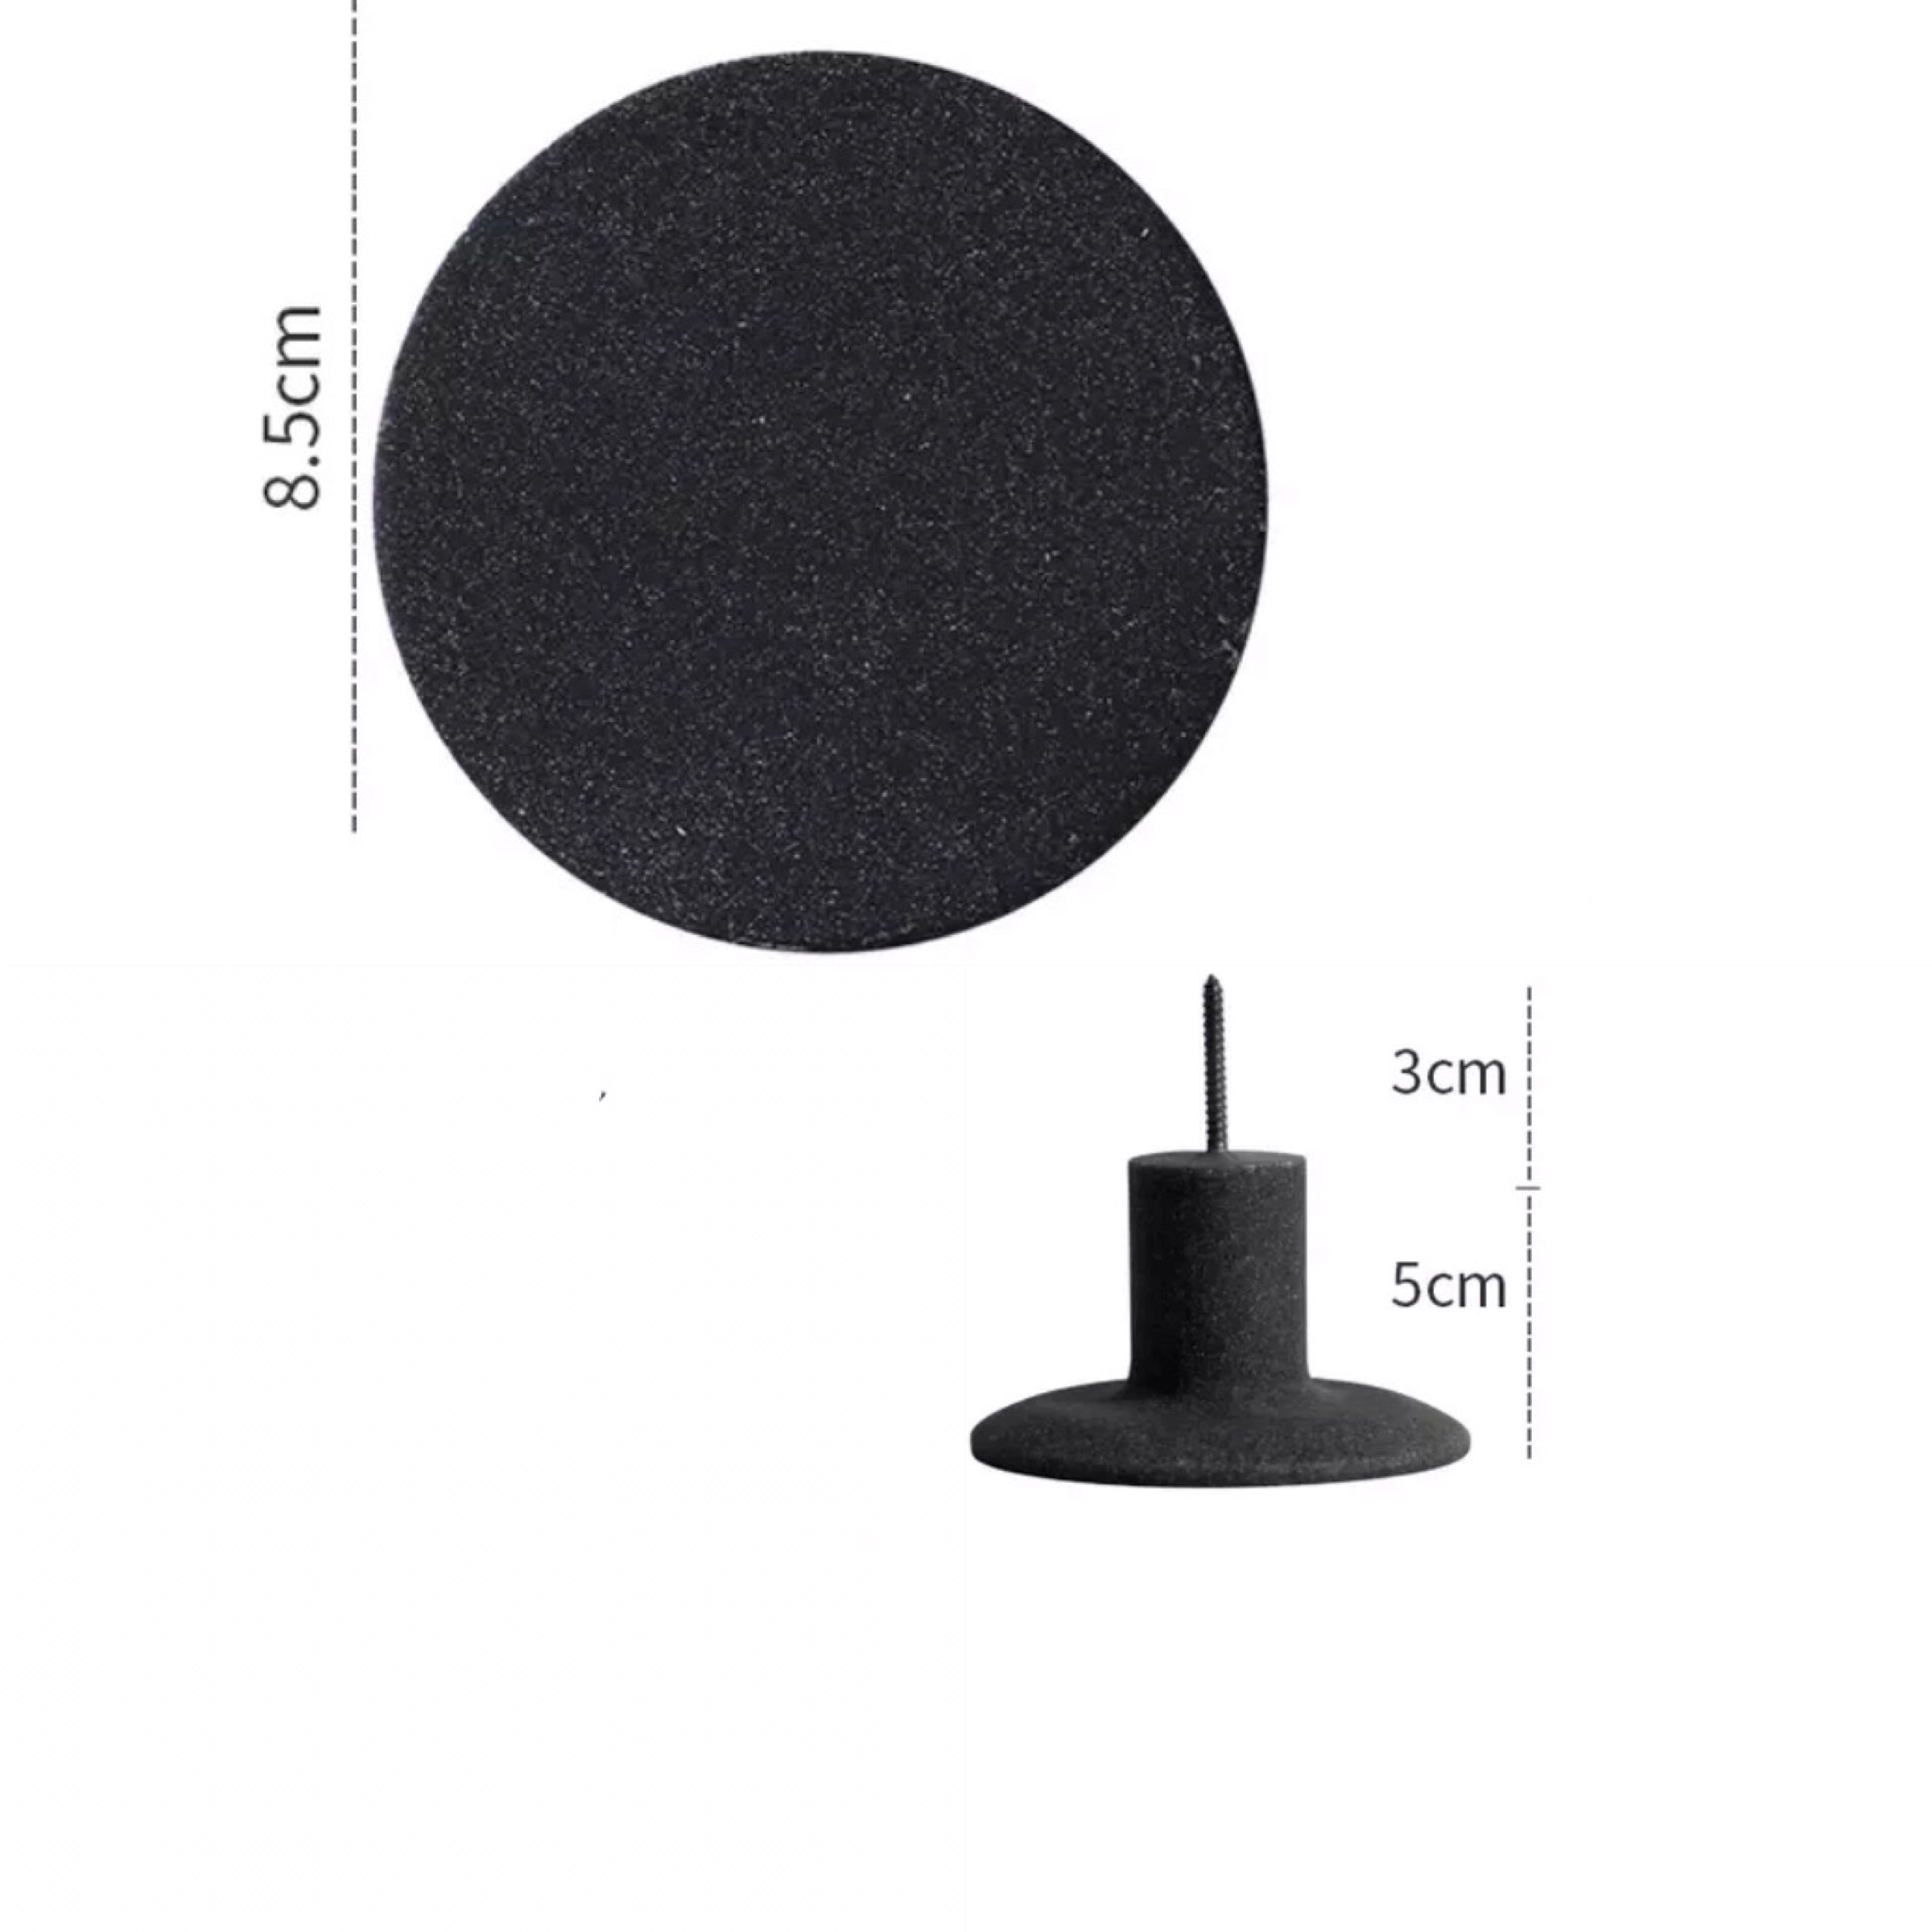 Wandhaak zwart 8,5 cm kopen?